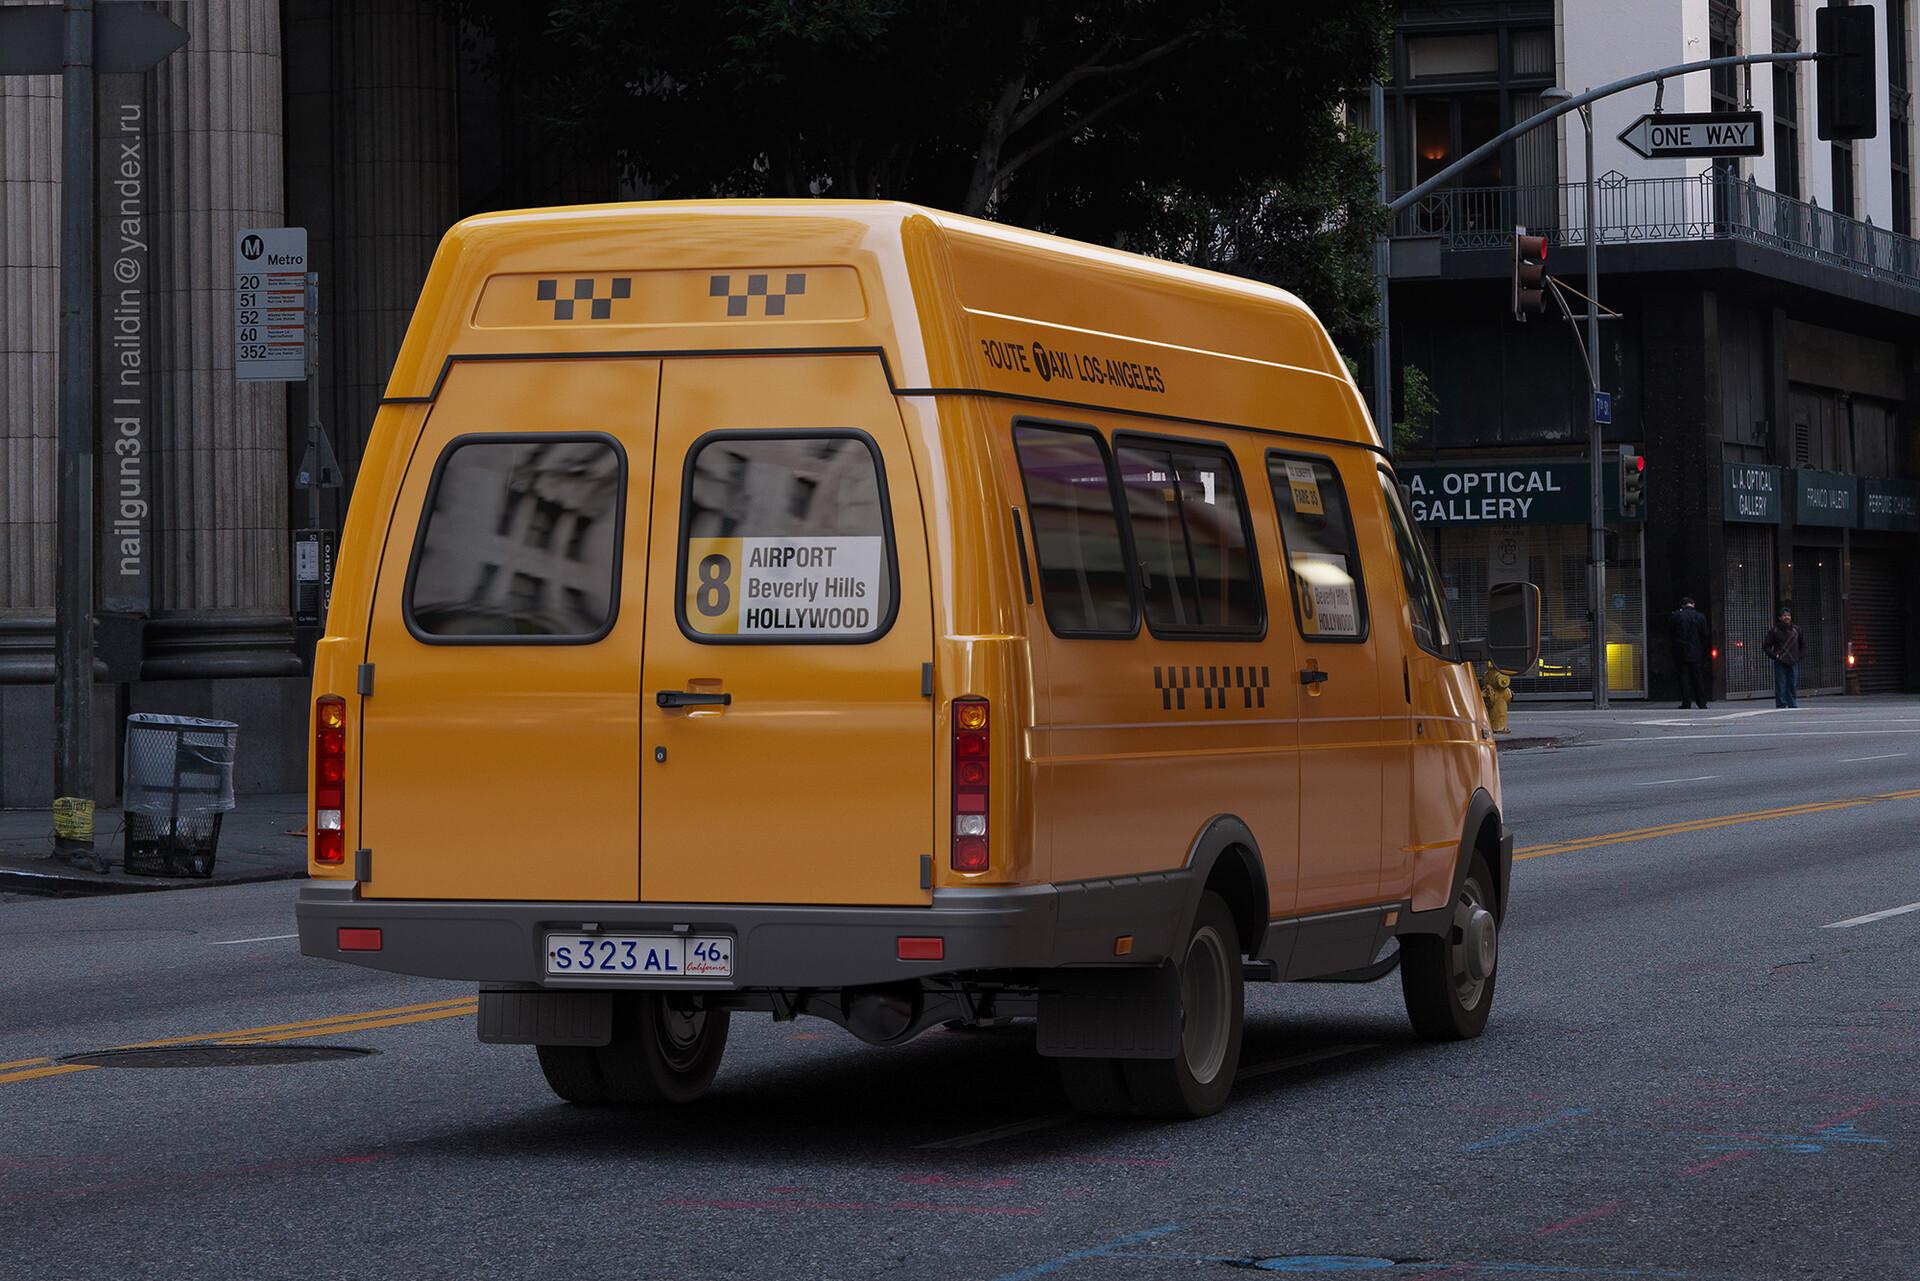 Nail khusnutdinov als 246 010 semar 3234 rear view 3x